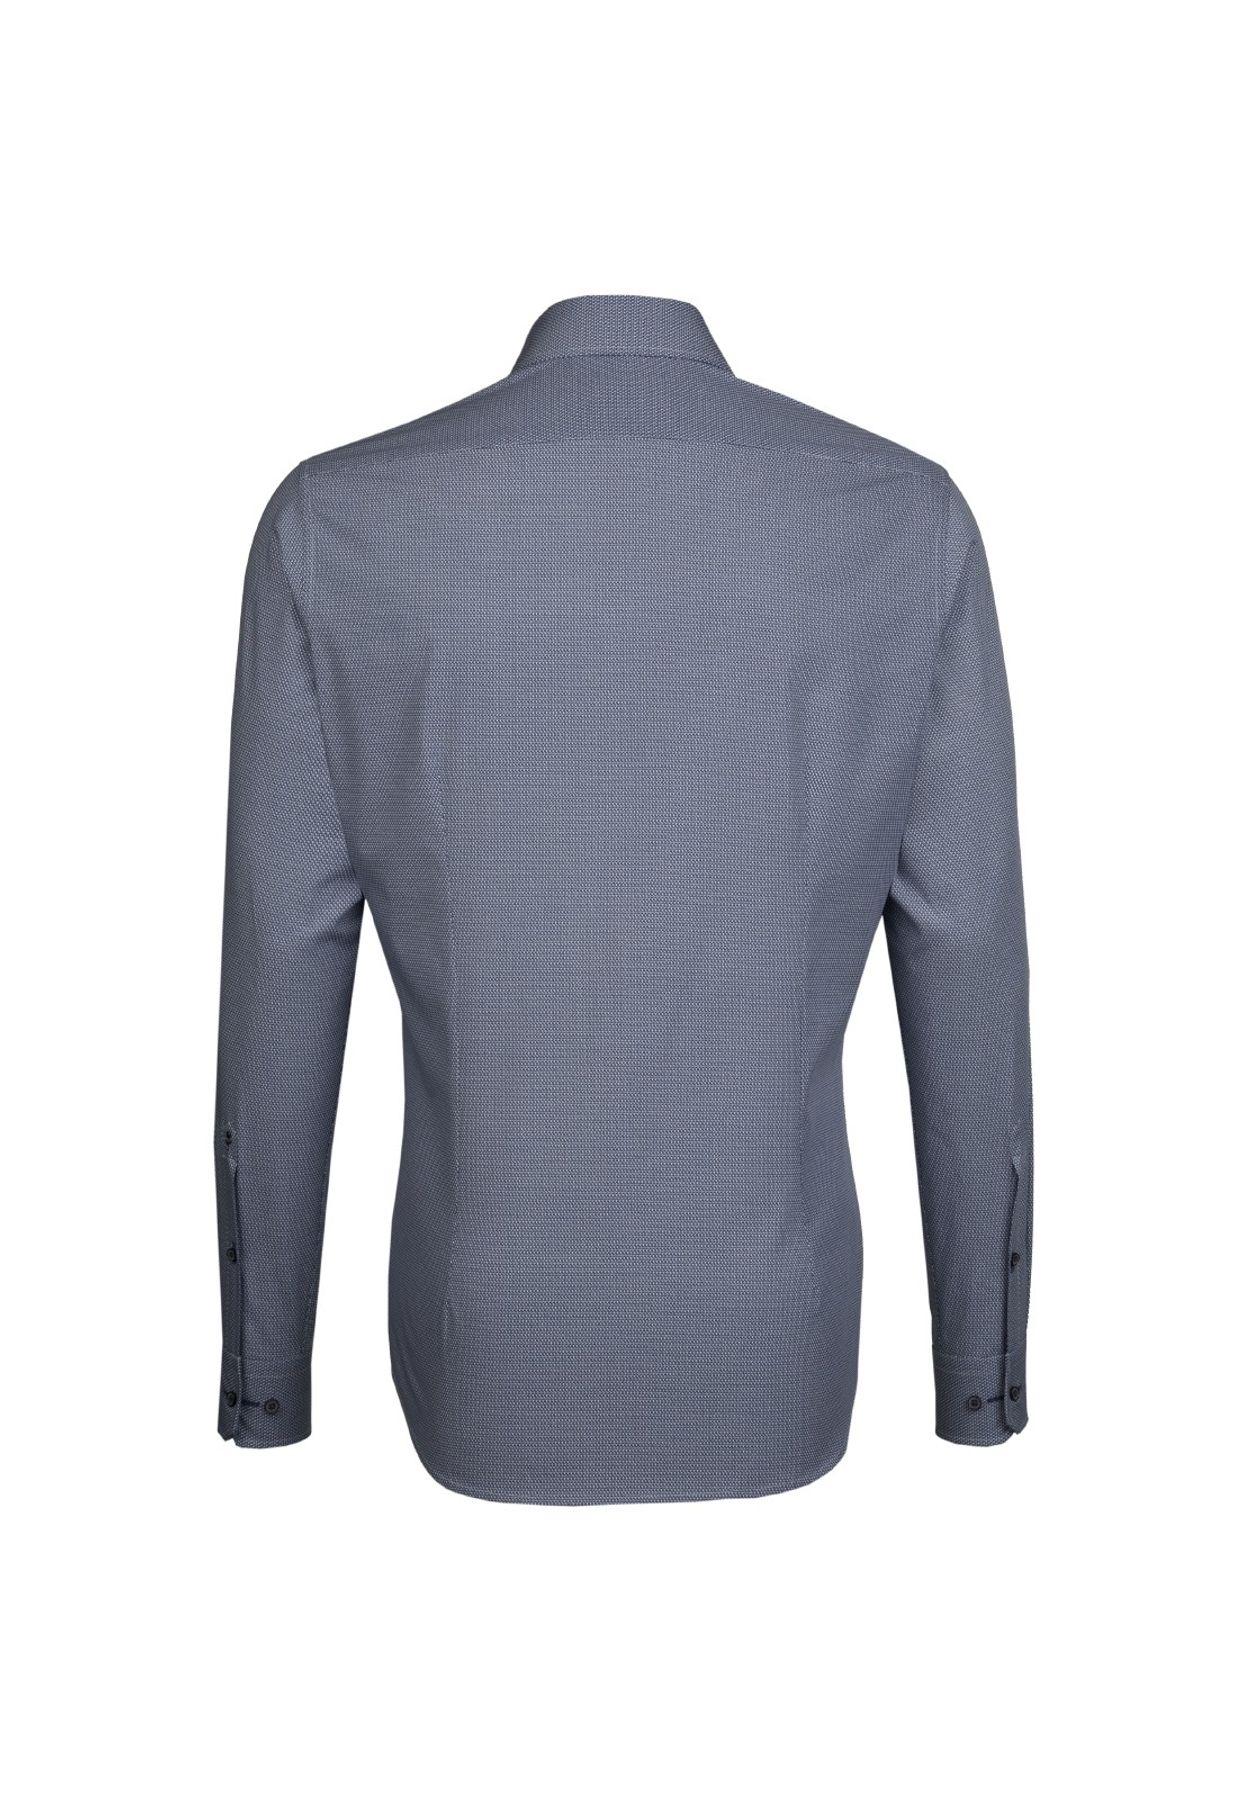 Seidensticker - Herren Hemd, Bügelleicht, Tailored, Schwarze Rose mit Kent Kragen in Blau (01.246240) – Bild 2